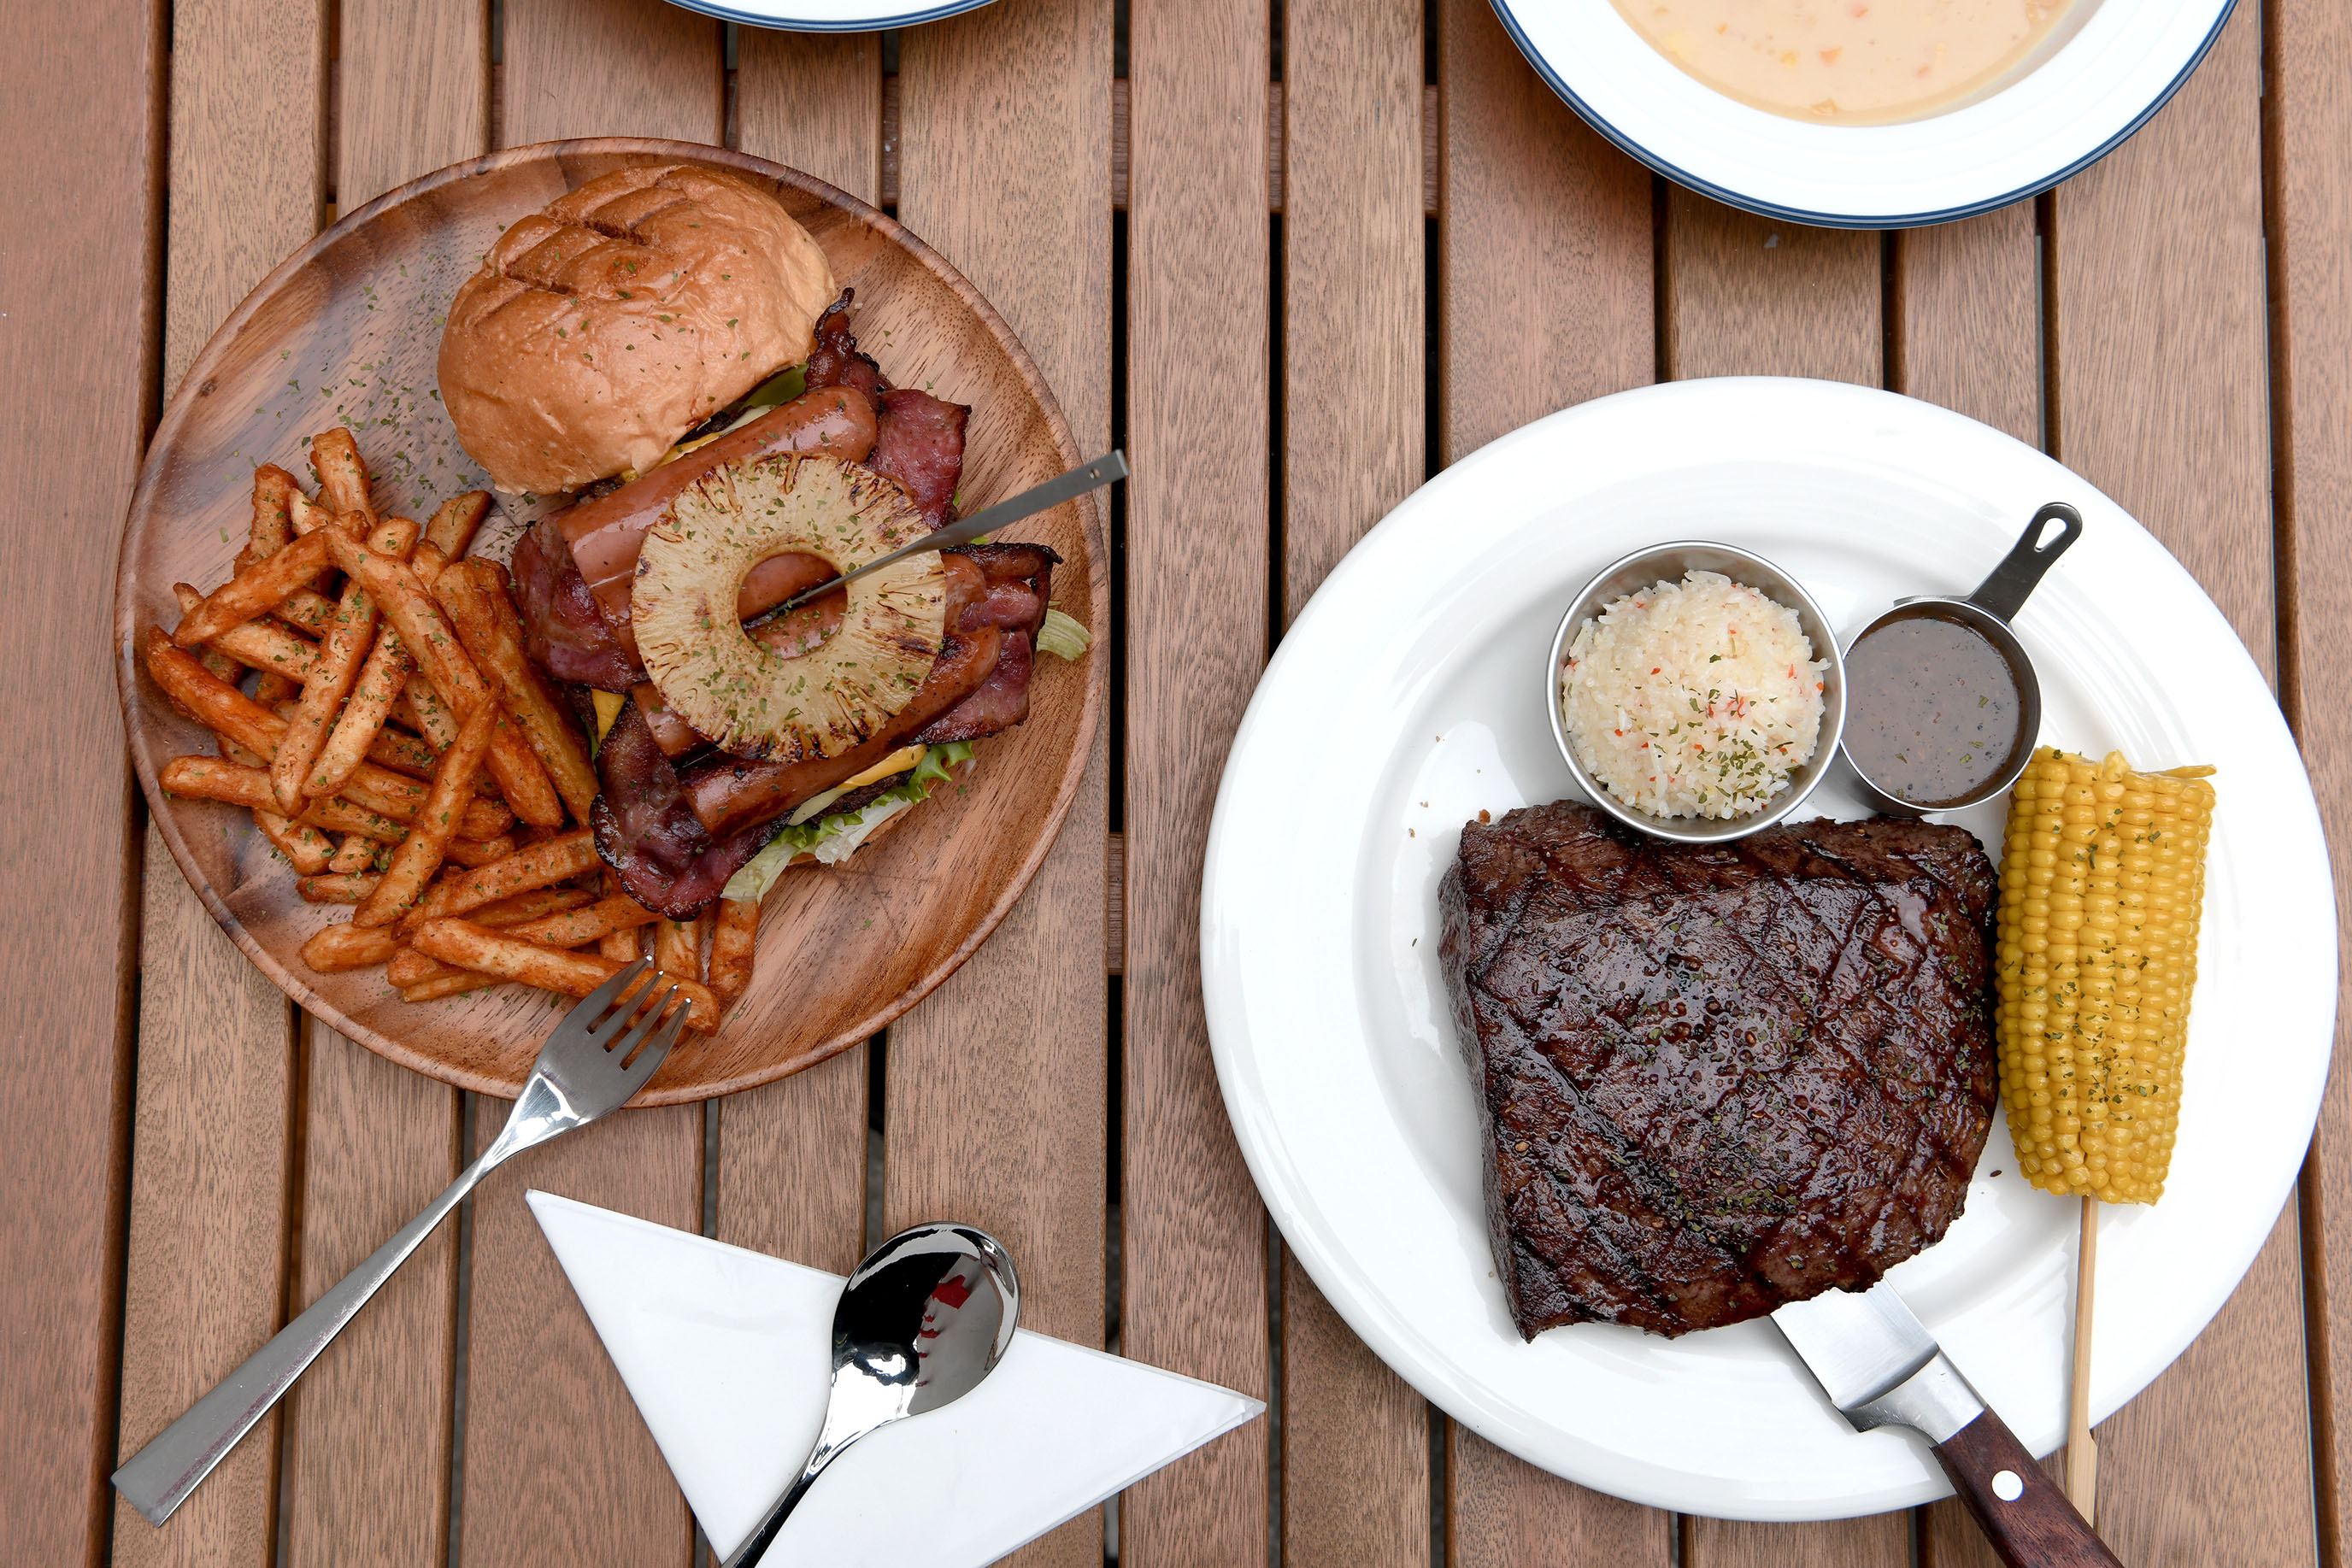 滿足台北日常的豐富牛排與漢堡|史坦利美式牛排 台北敦化店